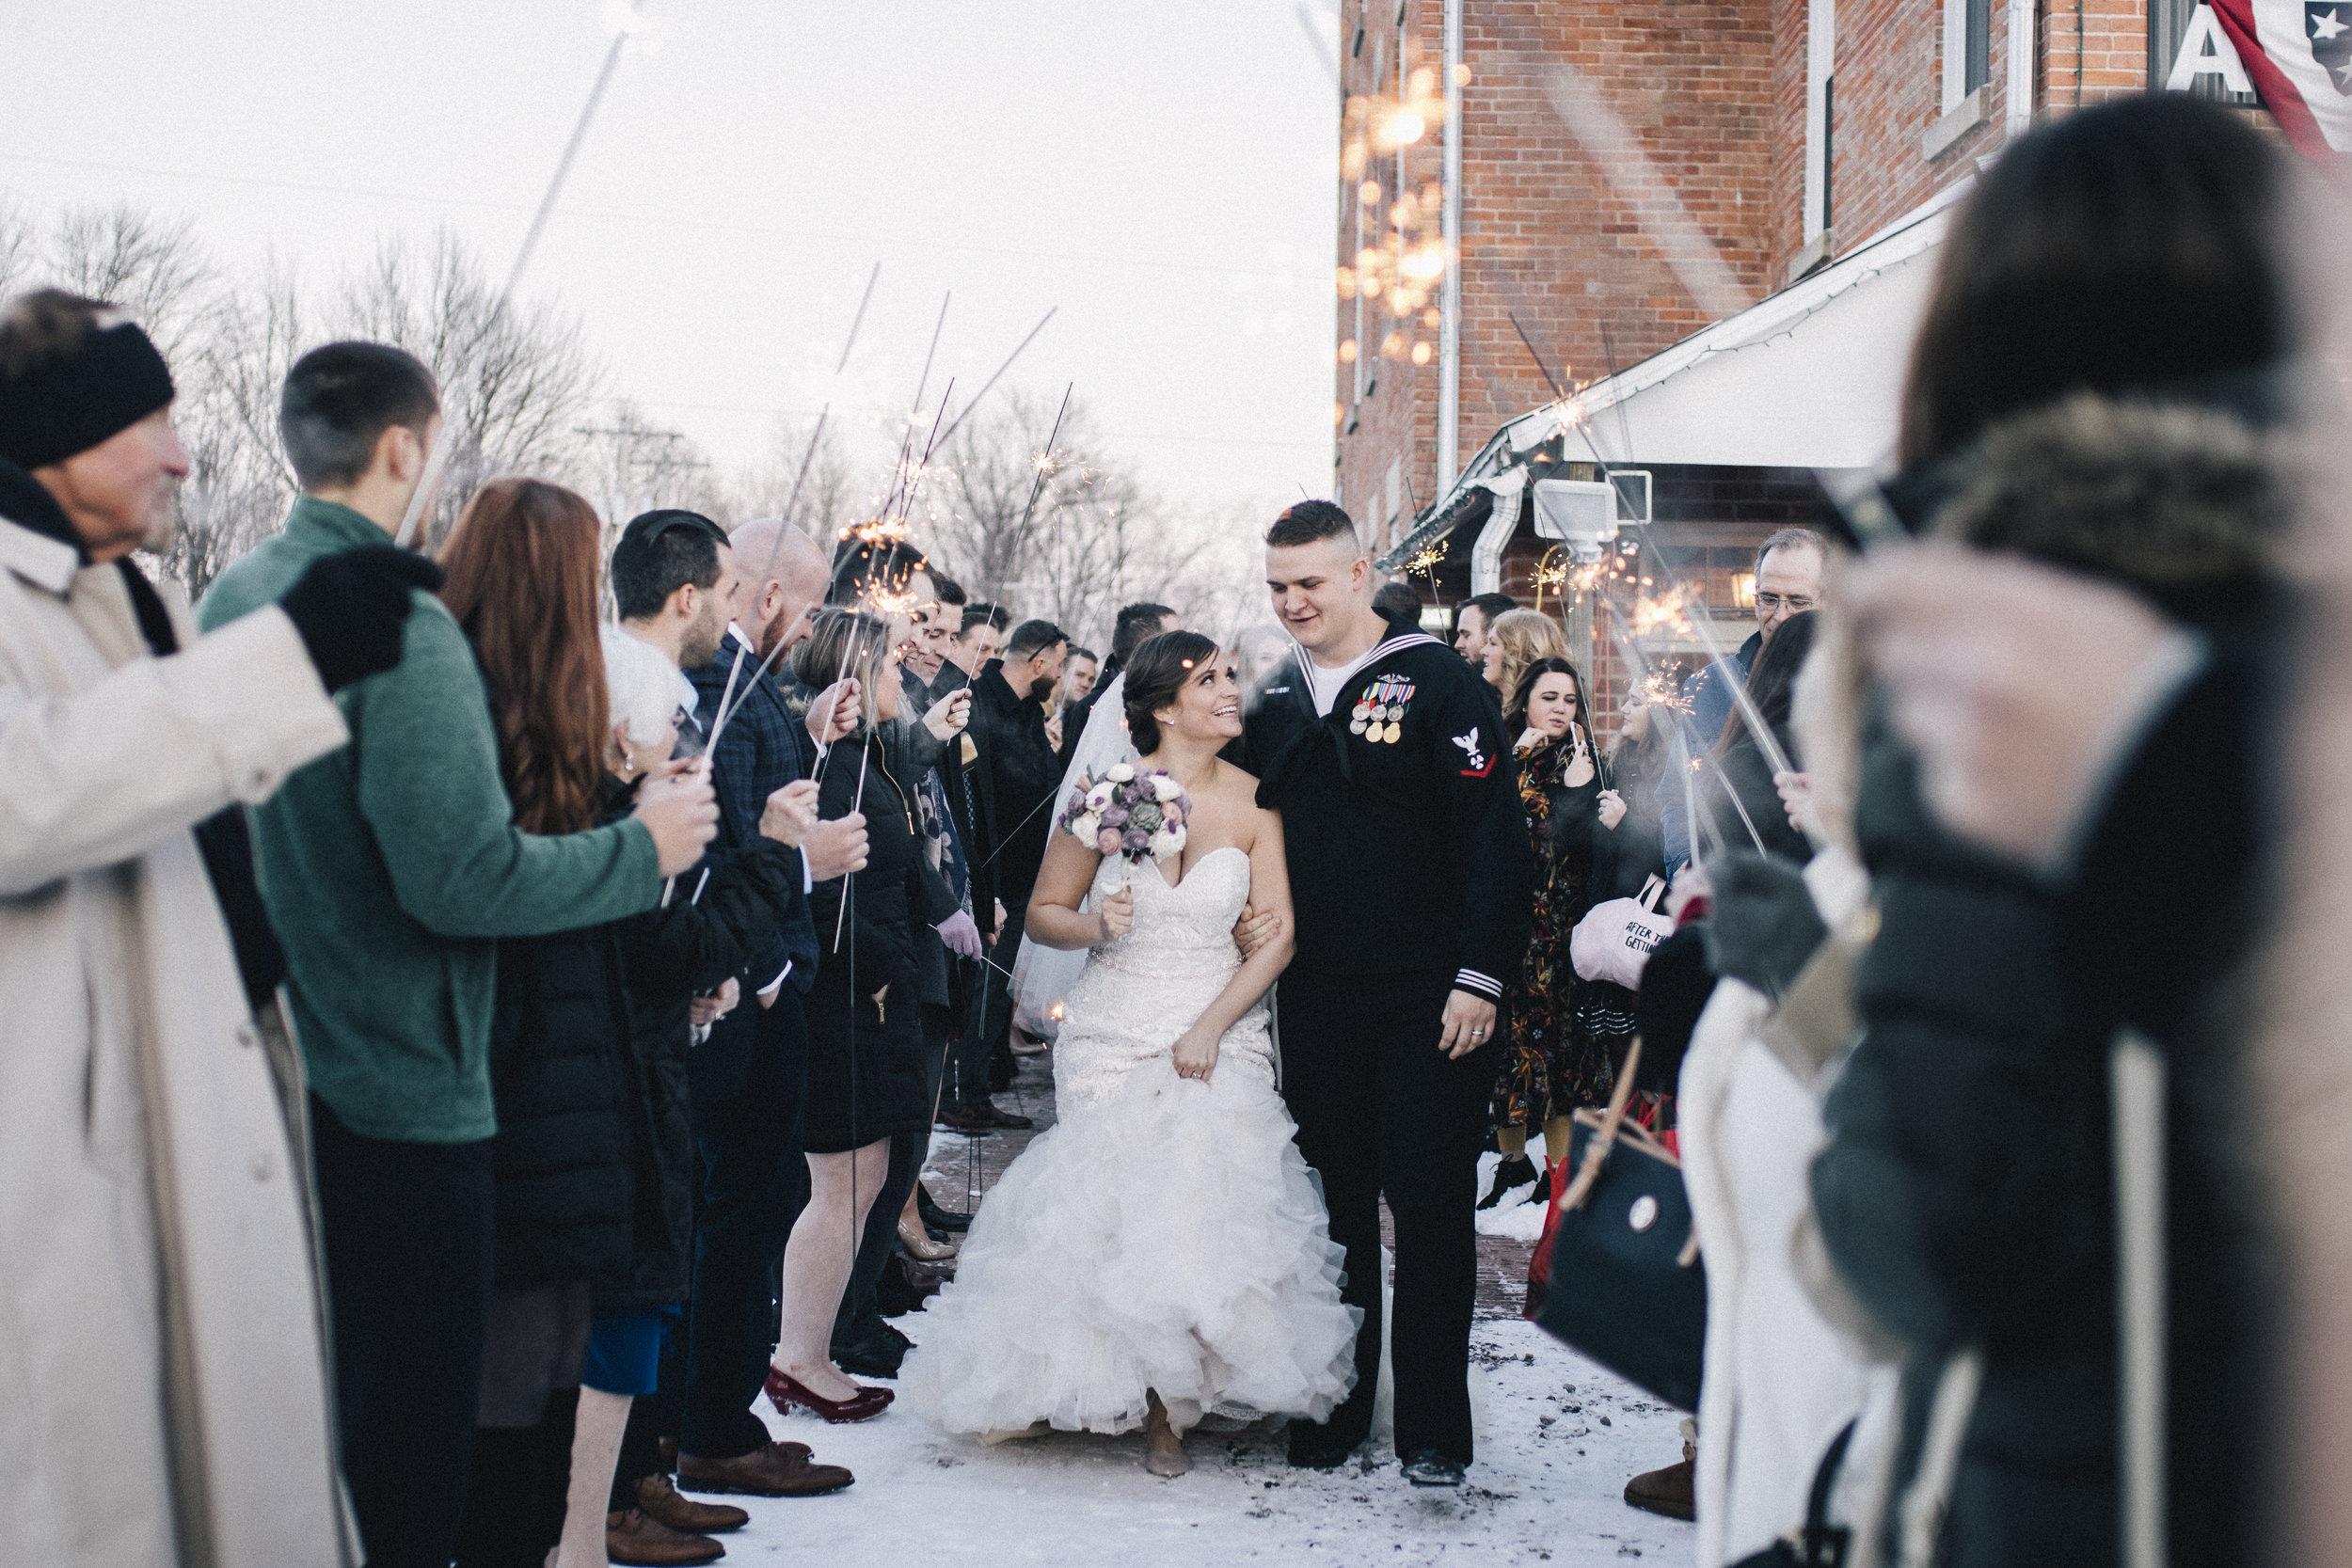 noblewedding10-30-madisonrenephotography-184.jpg